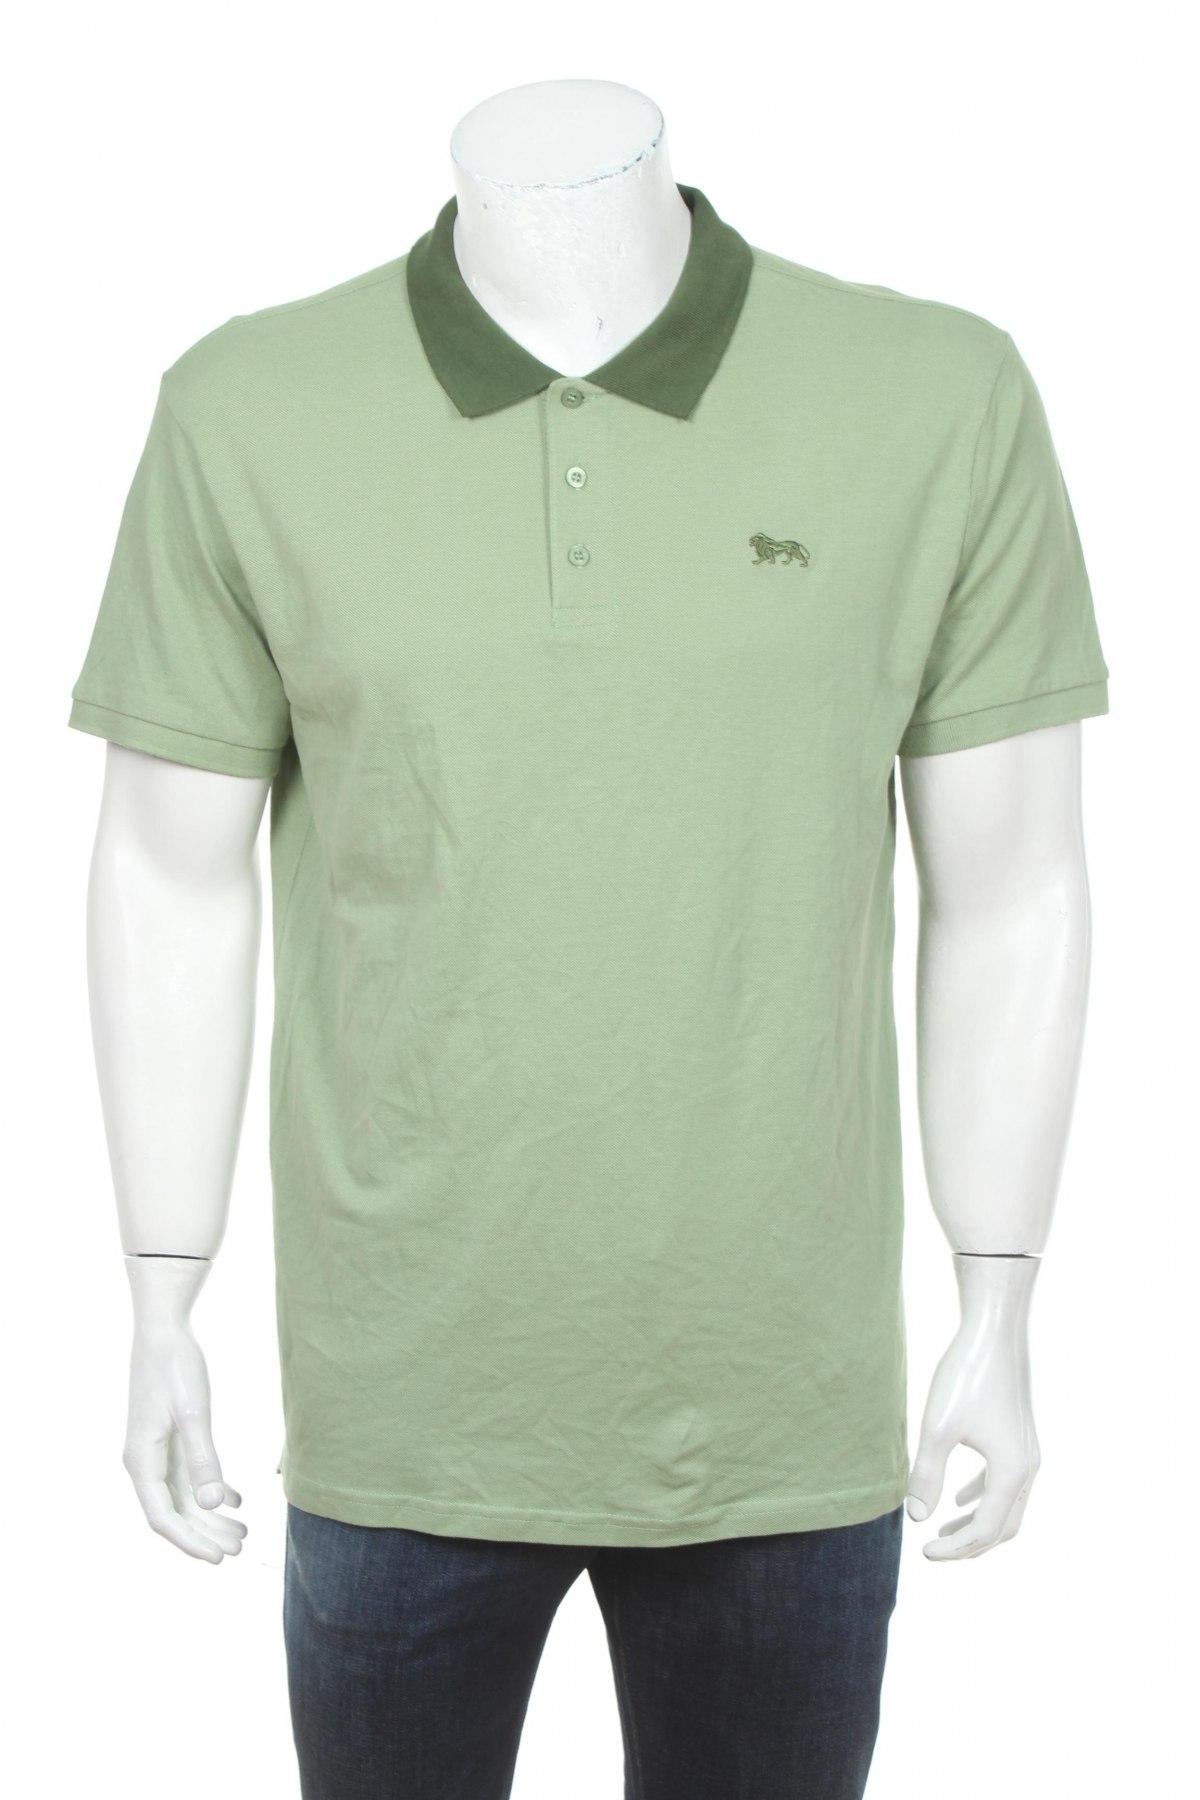 1365f3ad4042 Pánske tričko Lonsdale - za výhodnú cenu na Remix -  104628059